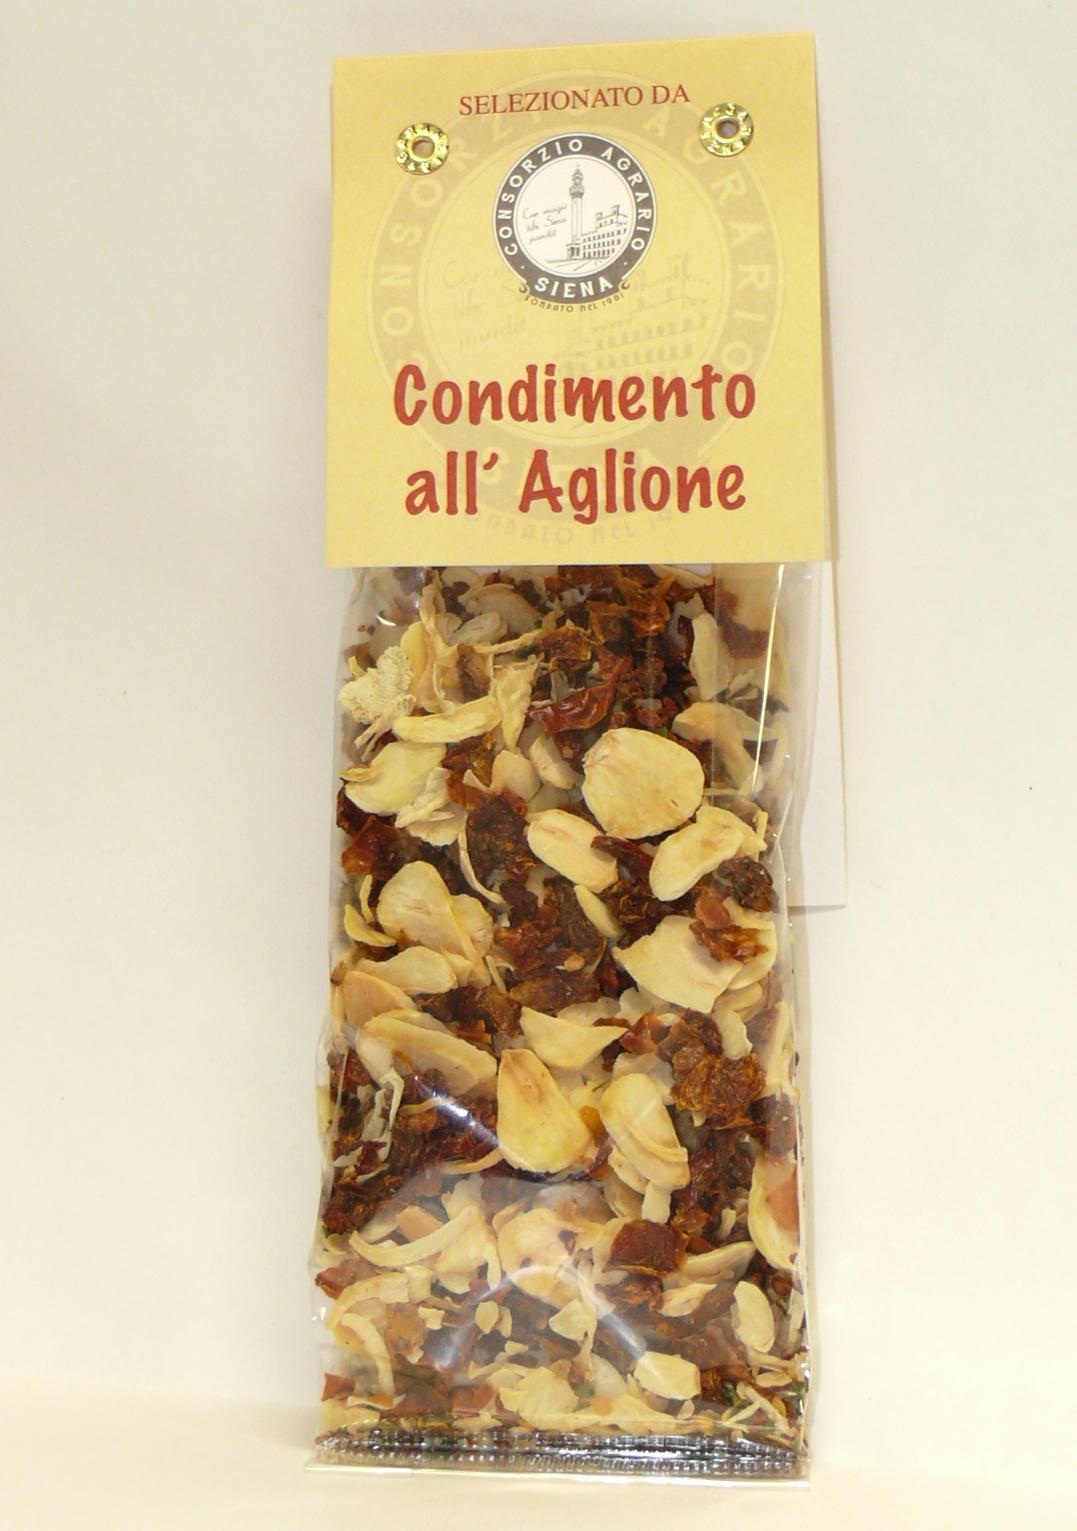 14541 condimento all aglione selezione consorzio for Consorzio agrario piacenza trattori usati